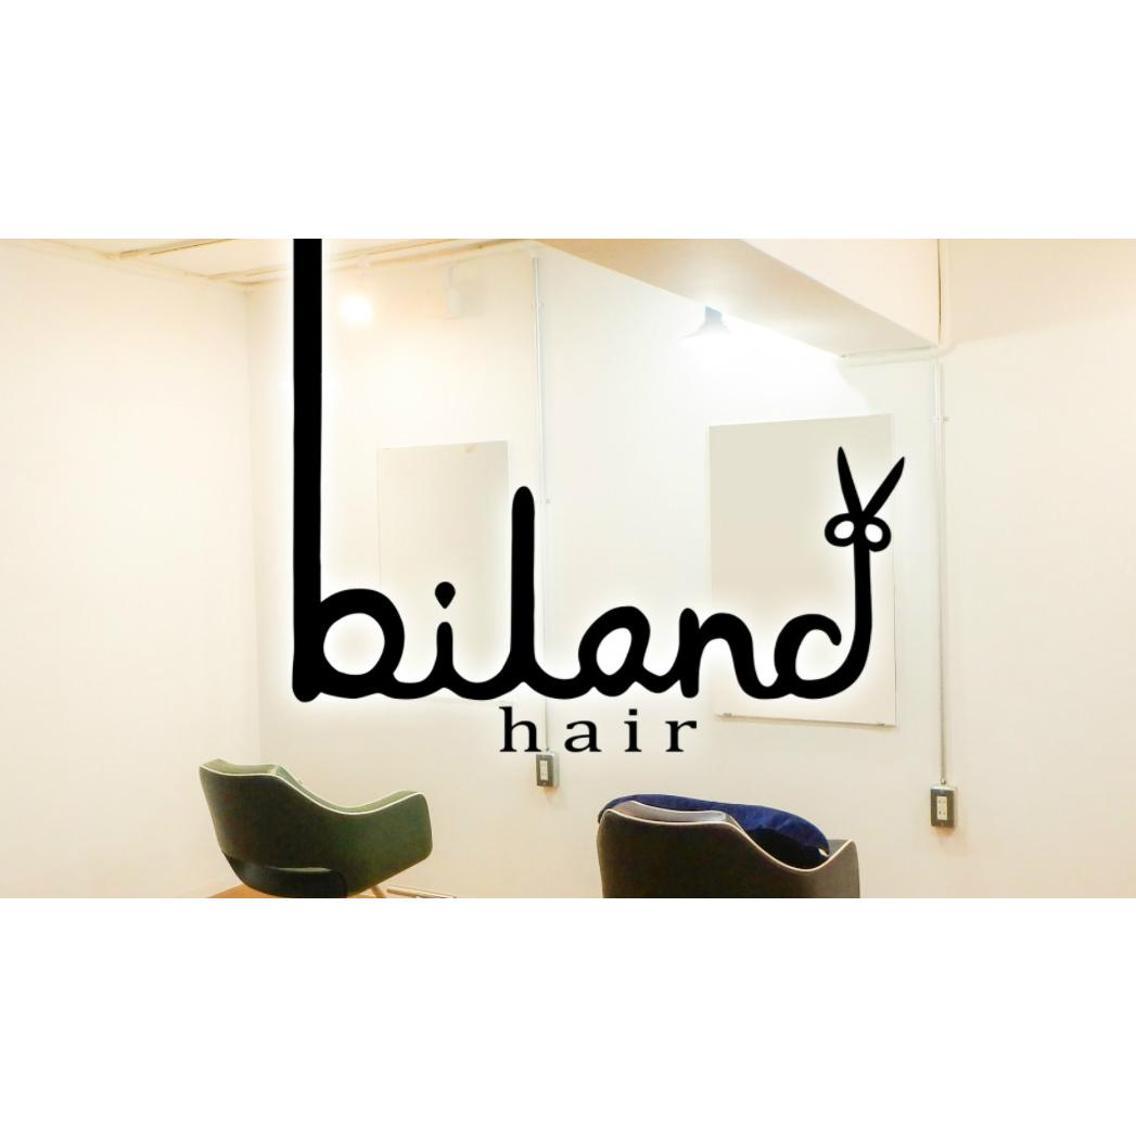 bilanc hair所属・カミヤ の掲載